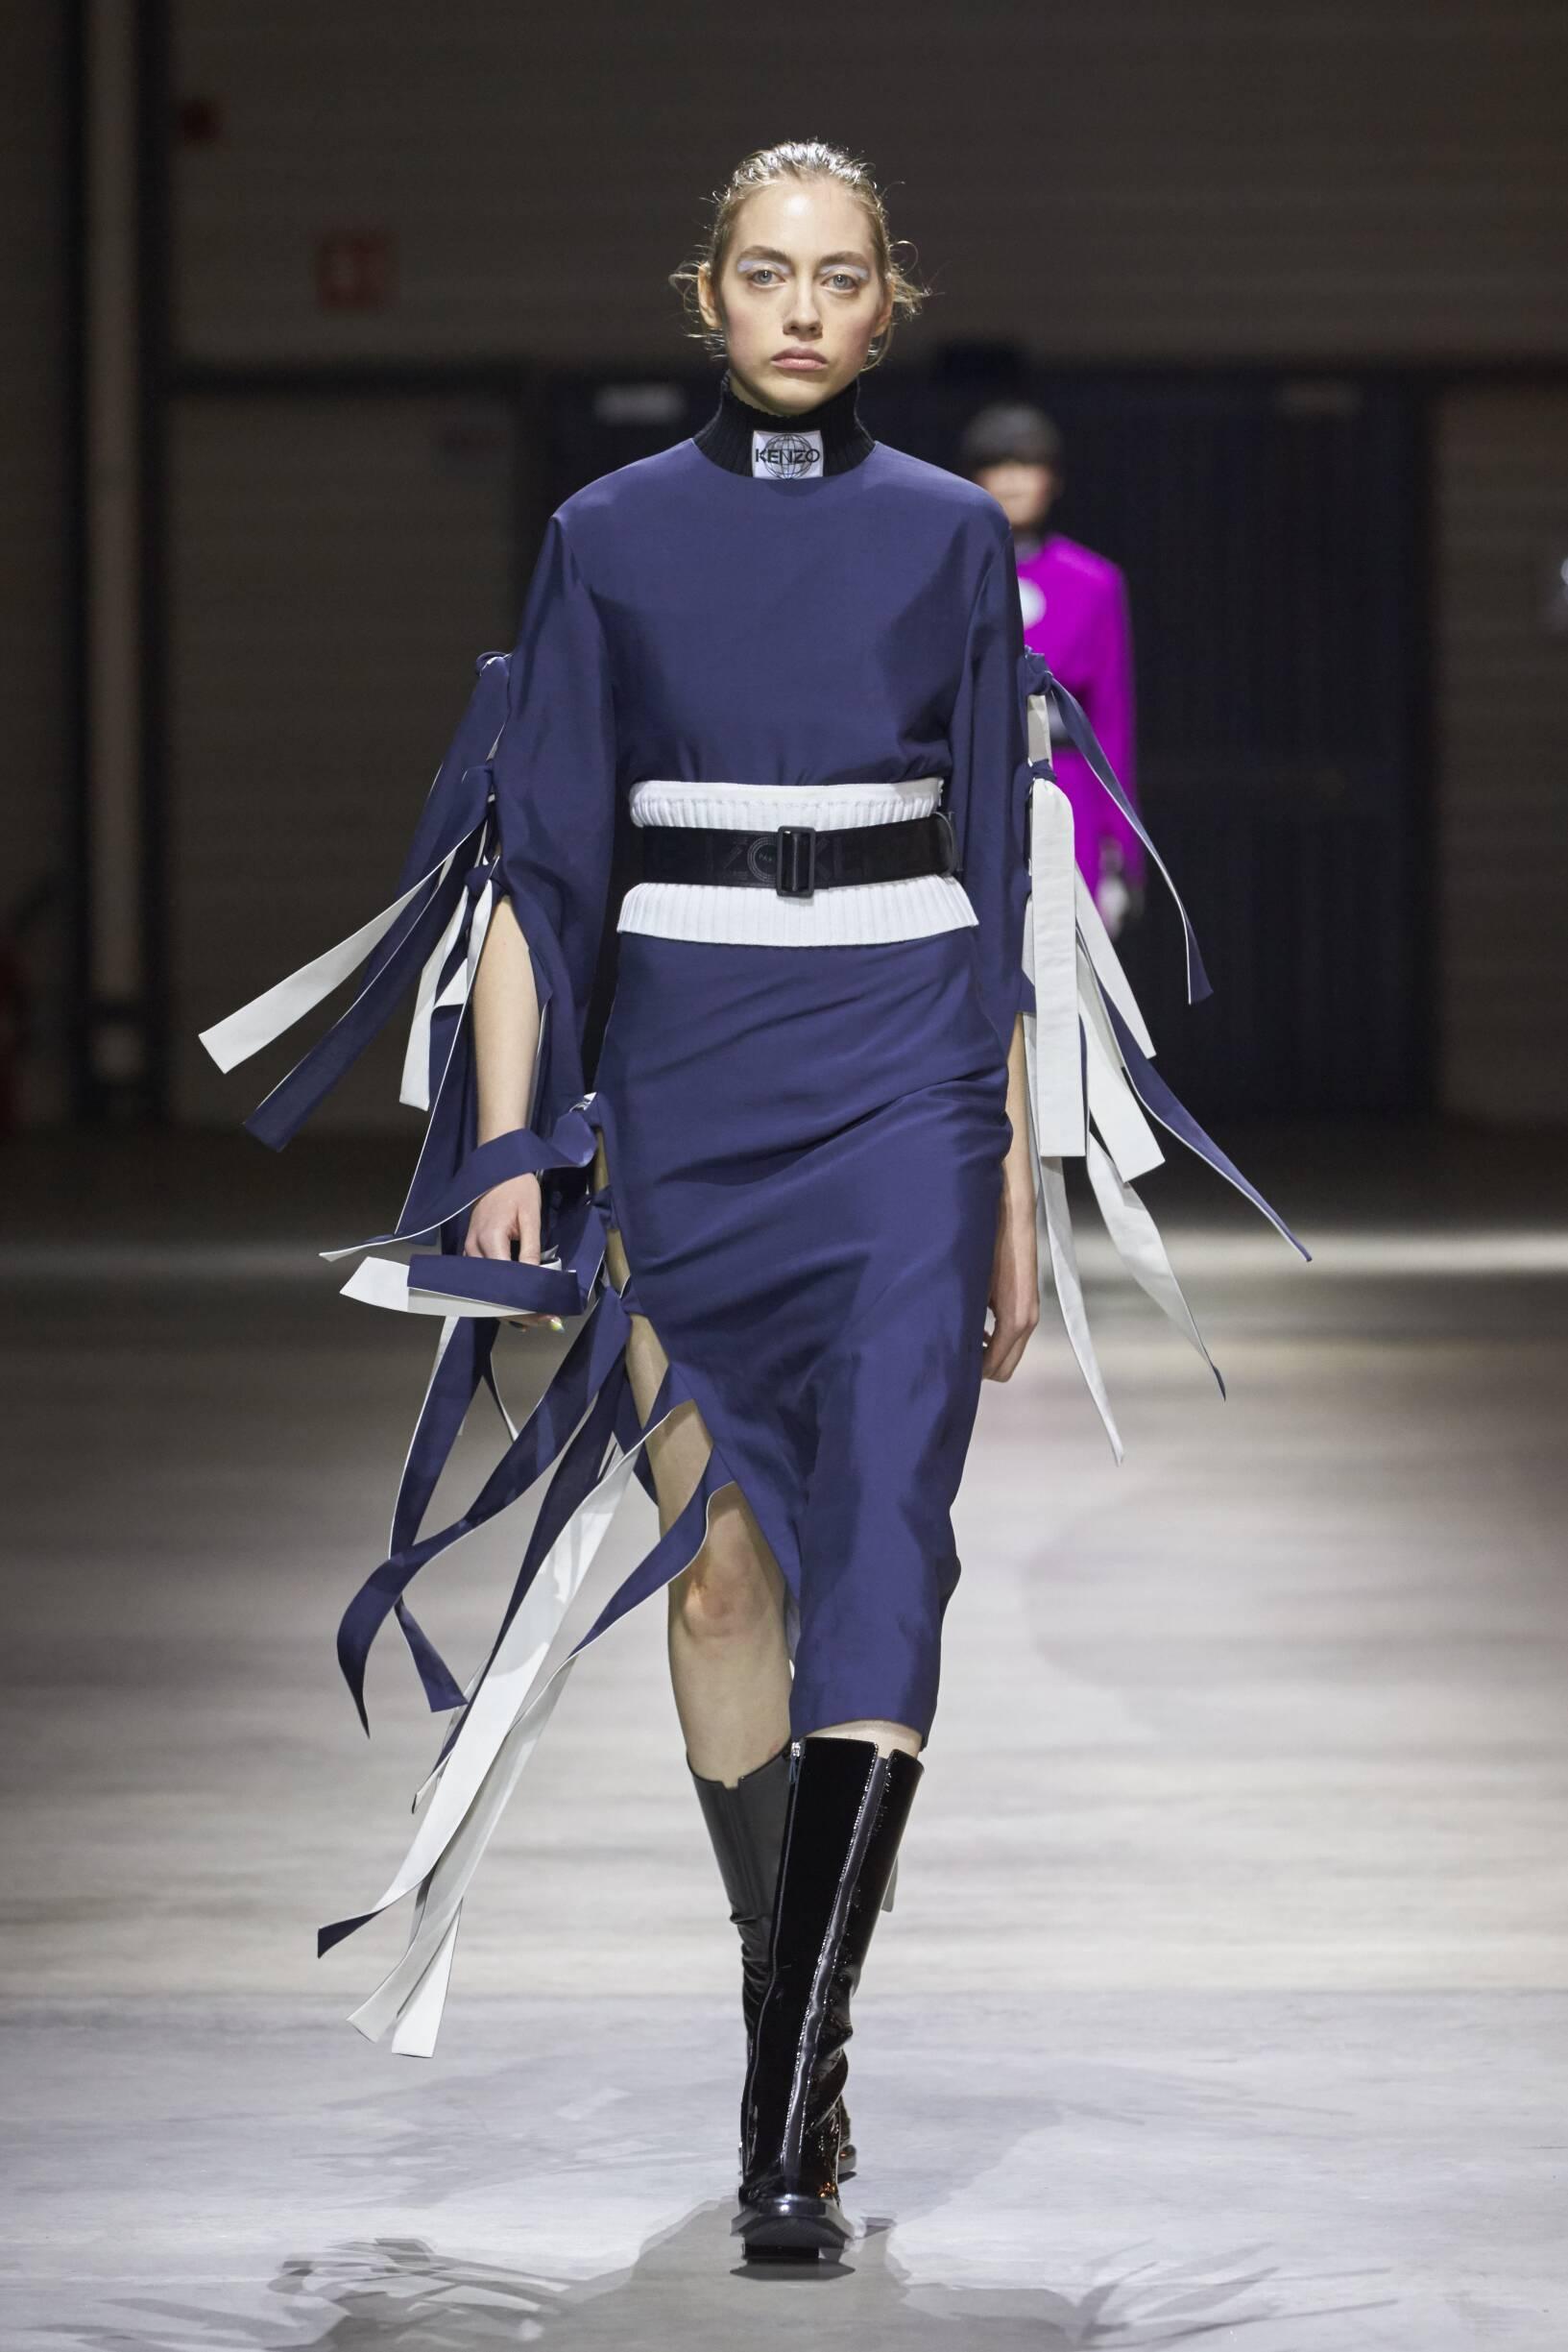 Runway Kenzo Fall Winter 2017 Women's Collection Paris Fashion Week